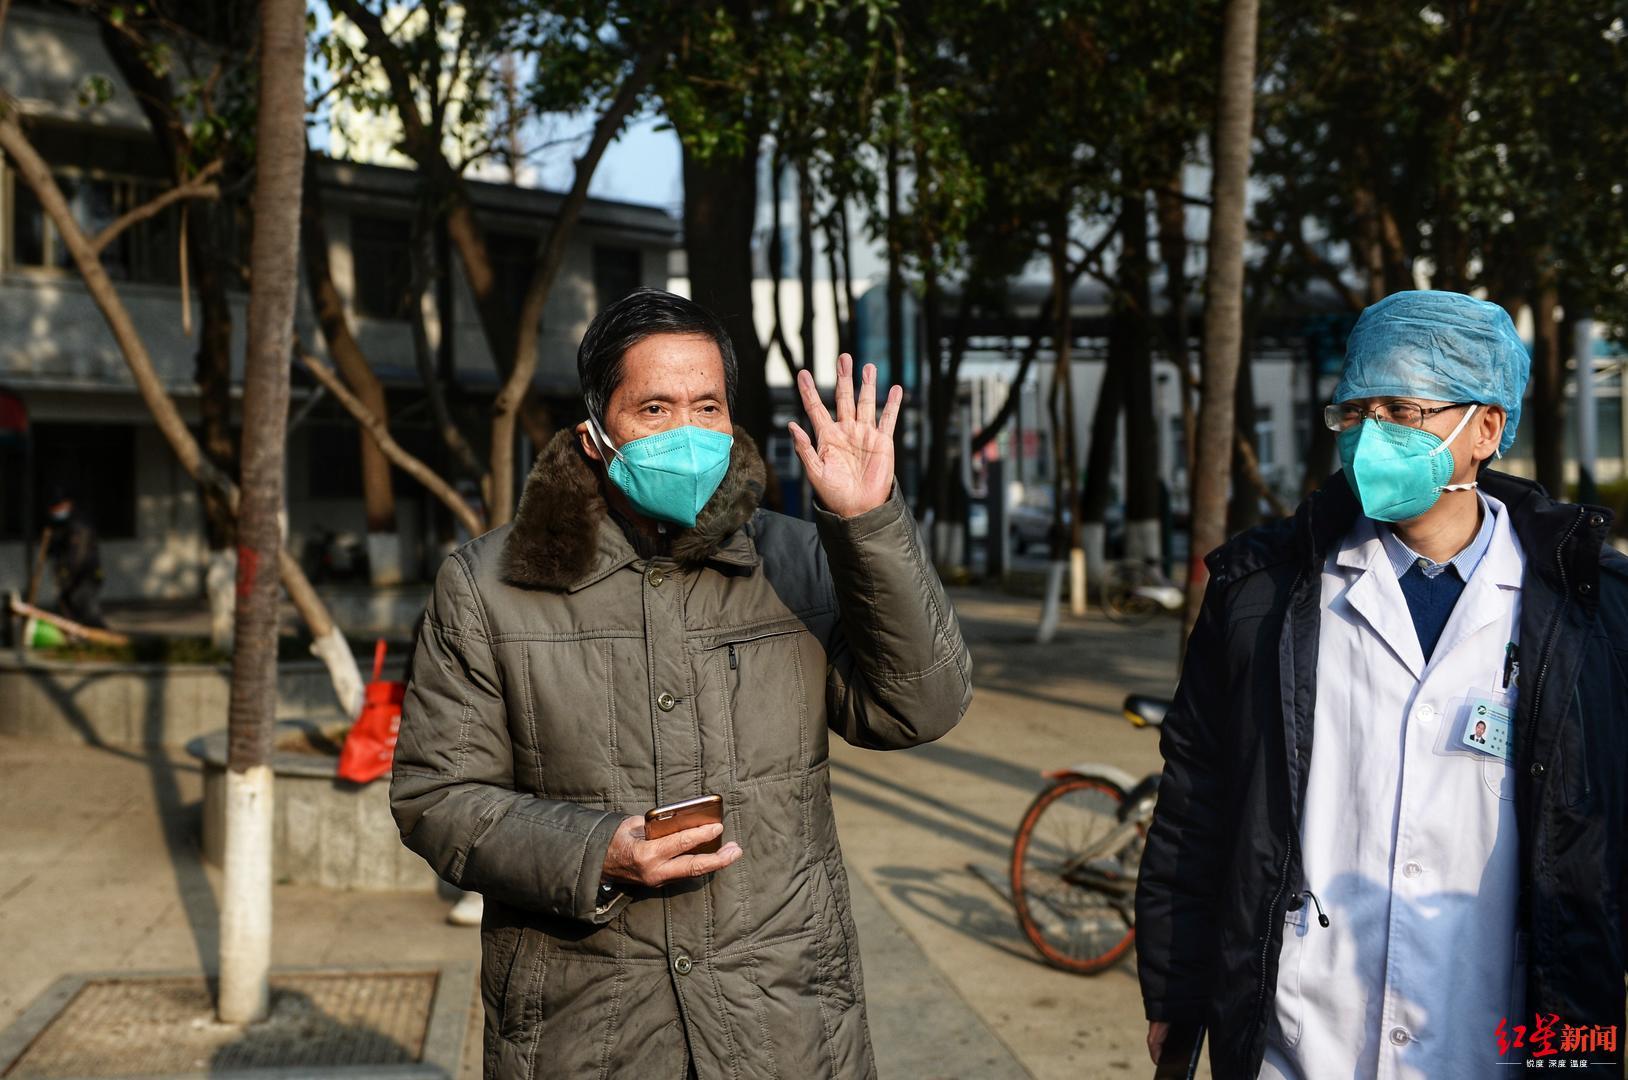 武汉78岁重症患者出院:与球友打乒乓后接触感染